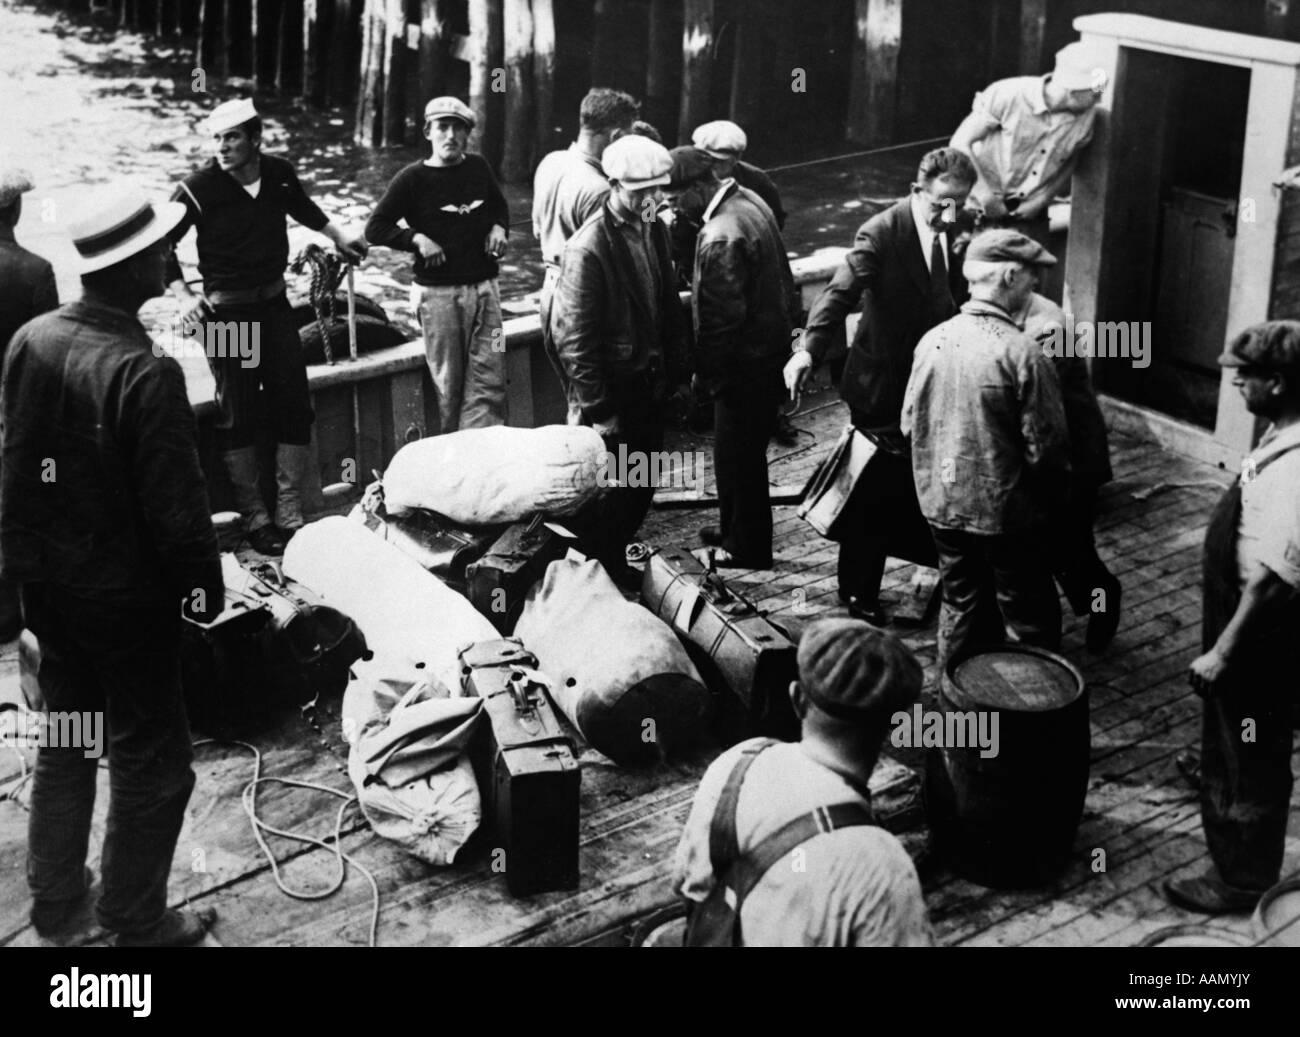 1920S 1930S VERBOT ERFASST RUM RUNNERS AUF DEM DECK DES BRITISCHEN SCHIFF ALKOHOL VERBOTEN 18. ZUSATZARTIKEL Stockbild